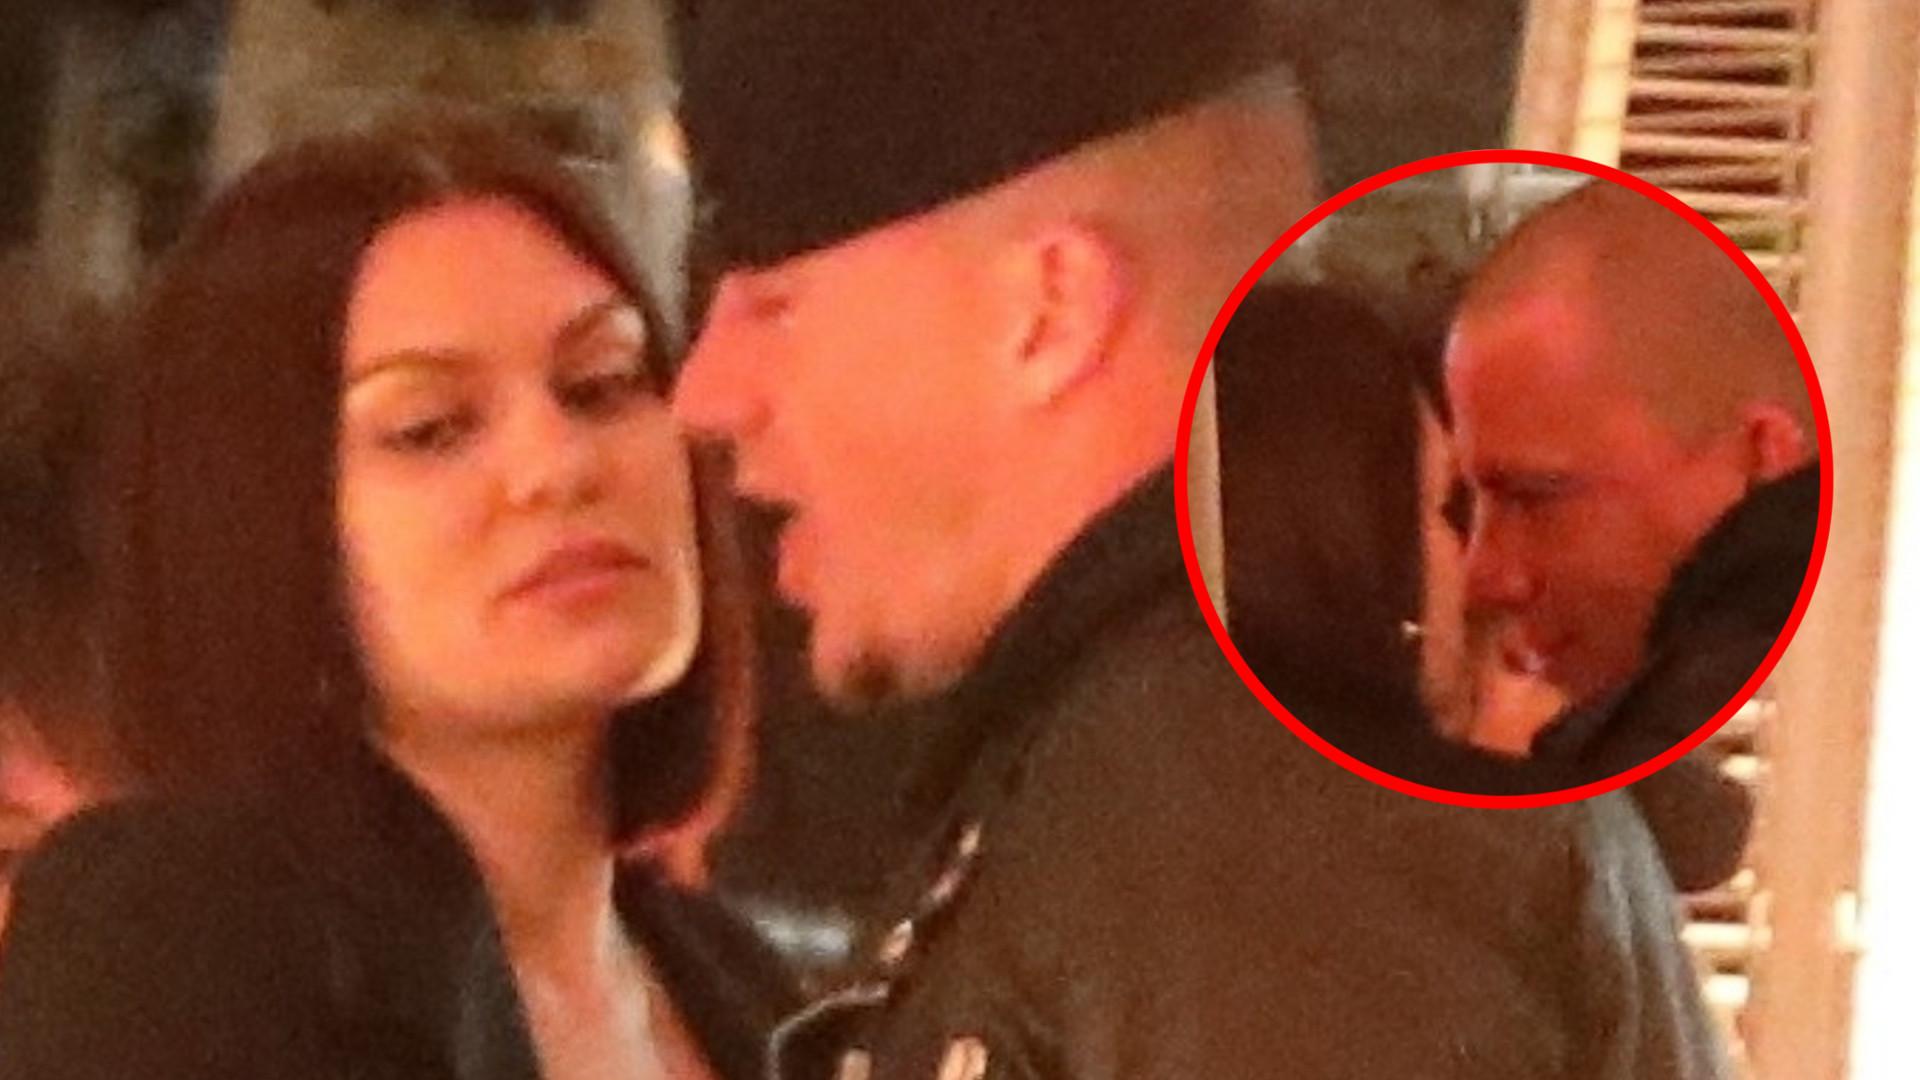 Channing Tatum i Jessie J poszli do klubu z przyjaciółmi, ale zachowywali się, jakby nikogo obok nie było (ZDJĘCIA)